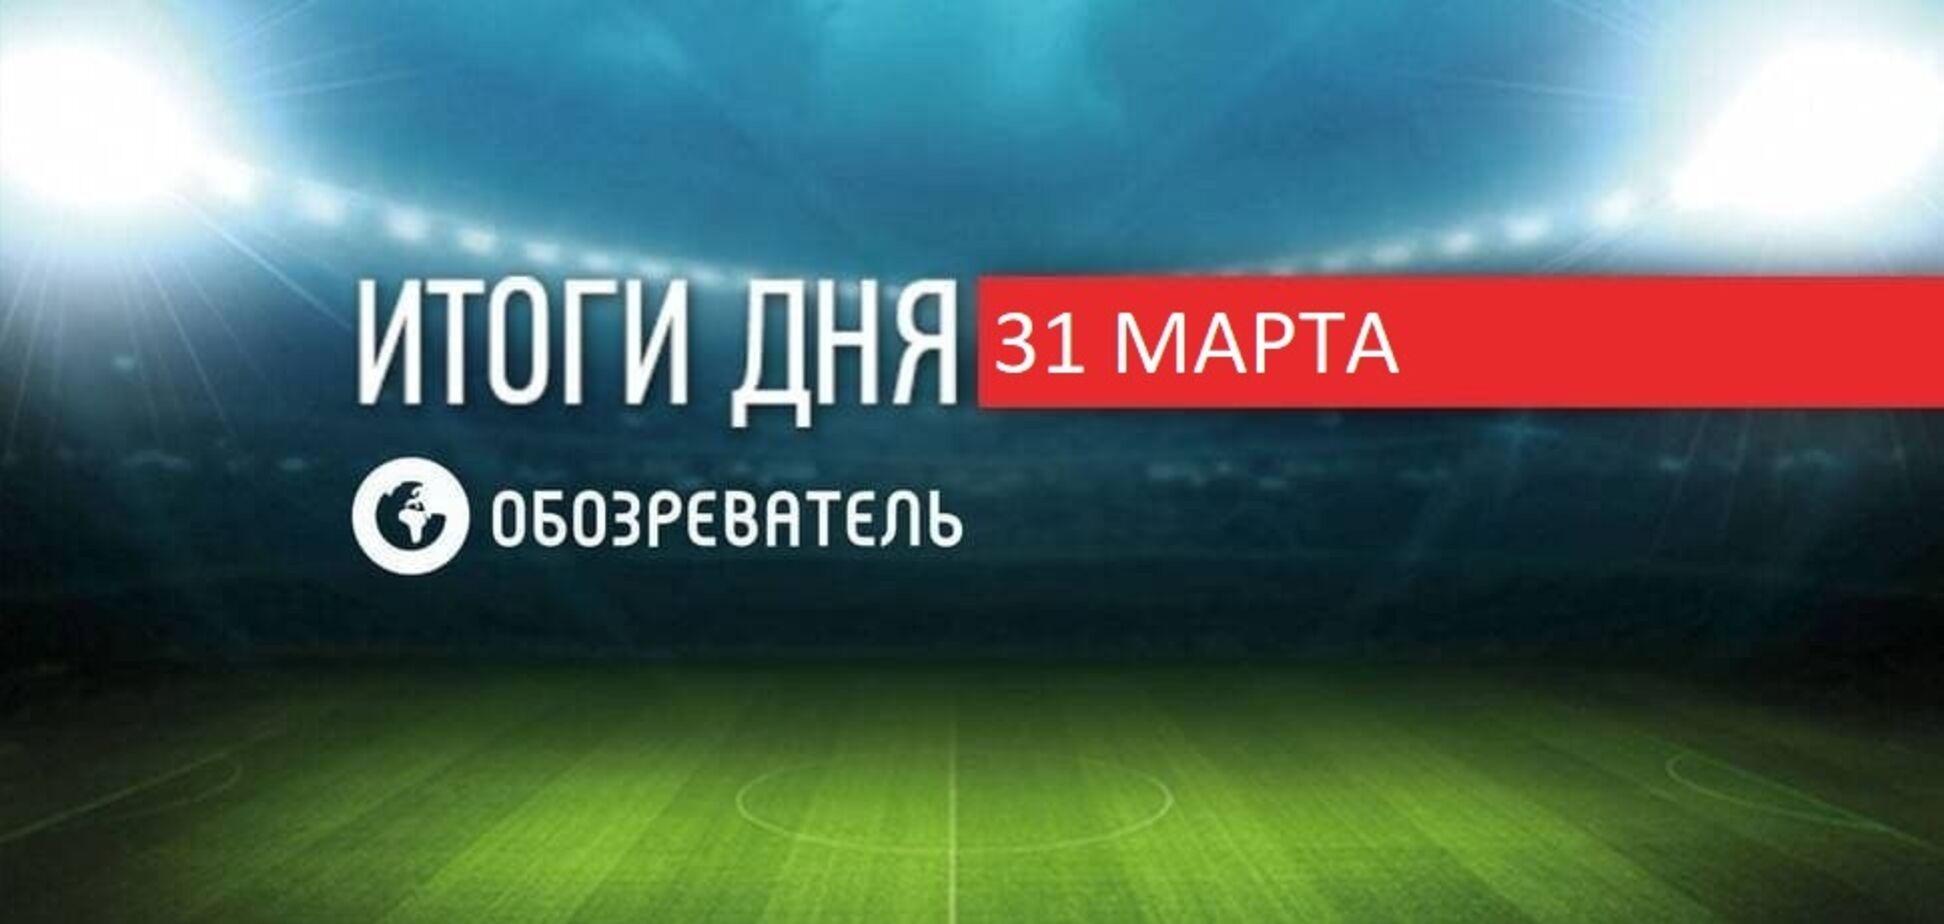 Новини спорту 31 березня: Україна не змогла обіграти Казахстан, курйоз з гравцями збірної Росії